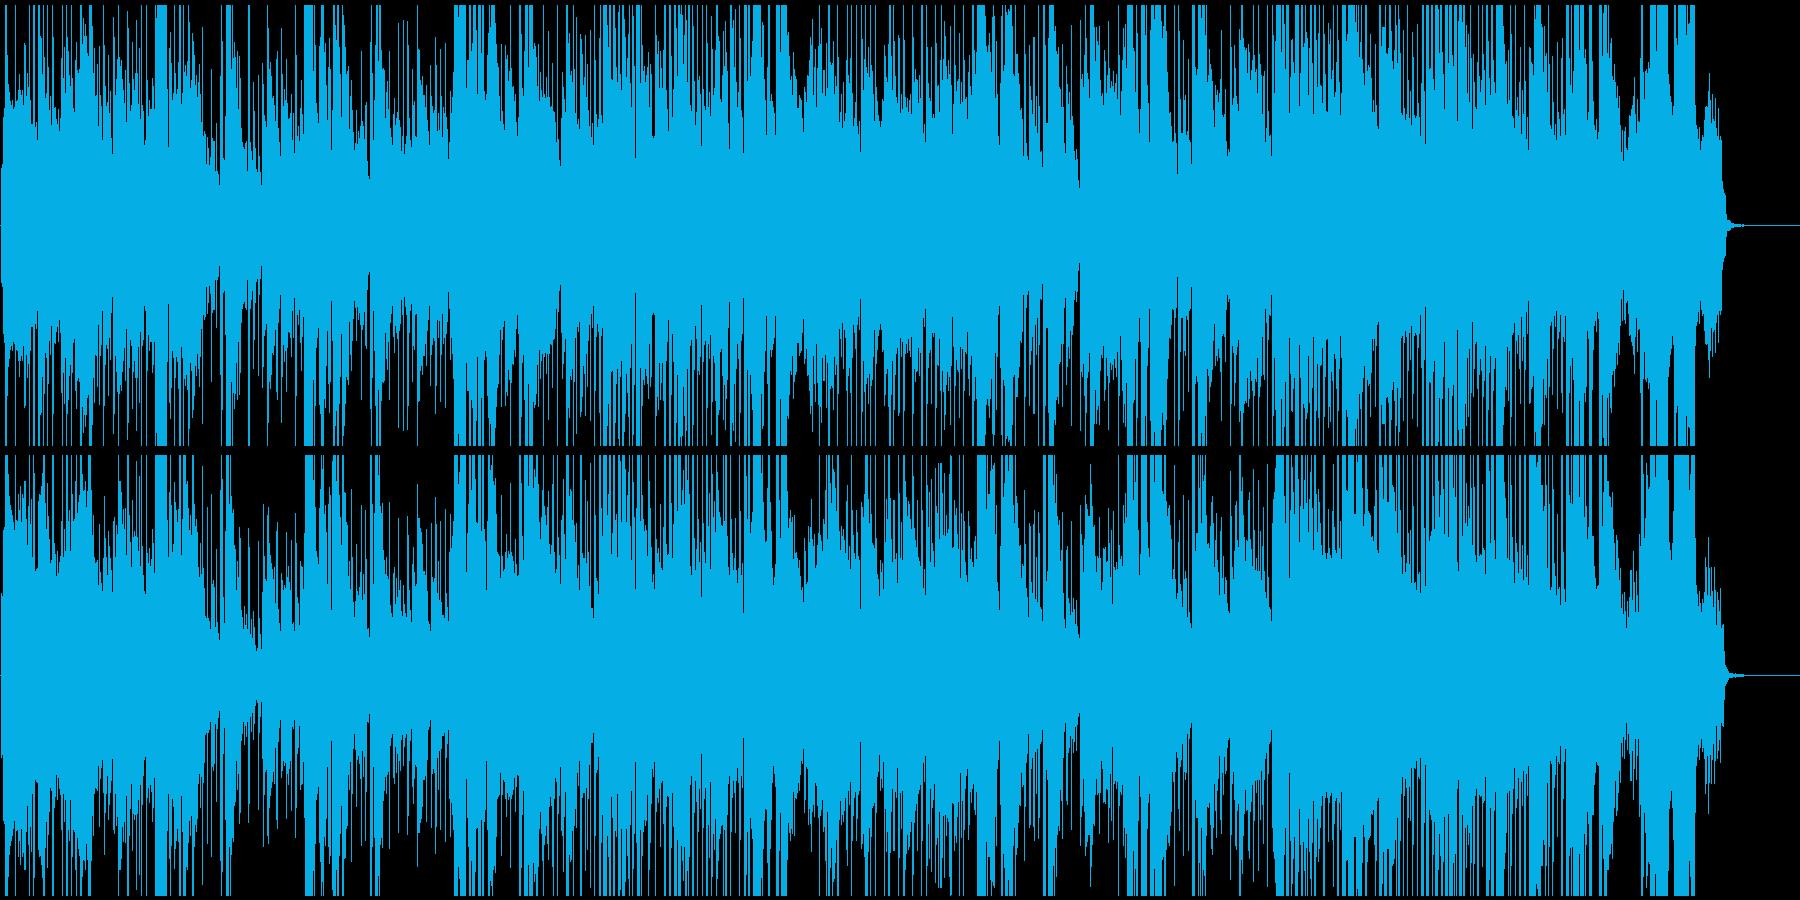 男性ボーカル、西部劇音楽調の歌の再生済みの波形